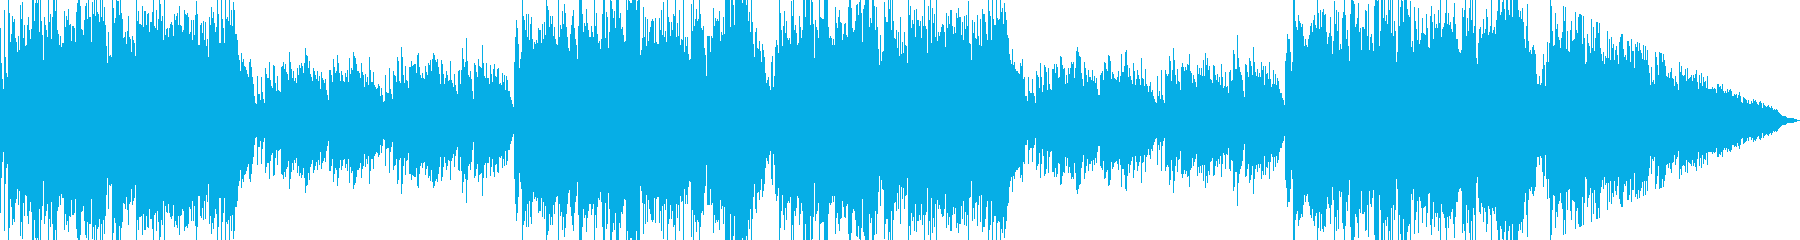 ピアノとストリングスが印象深い壮大な曲の再生済みの波形